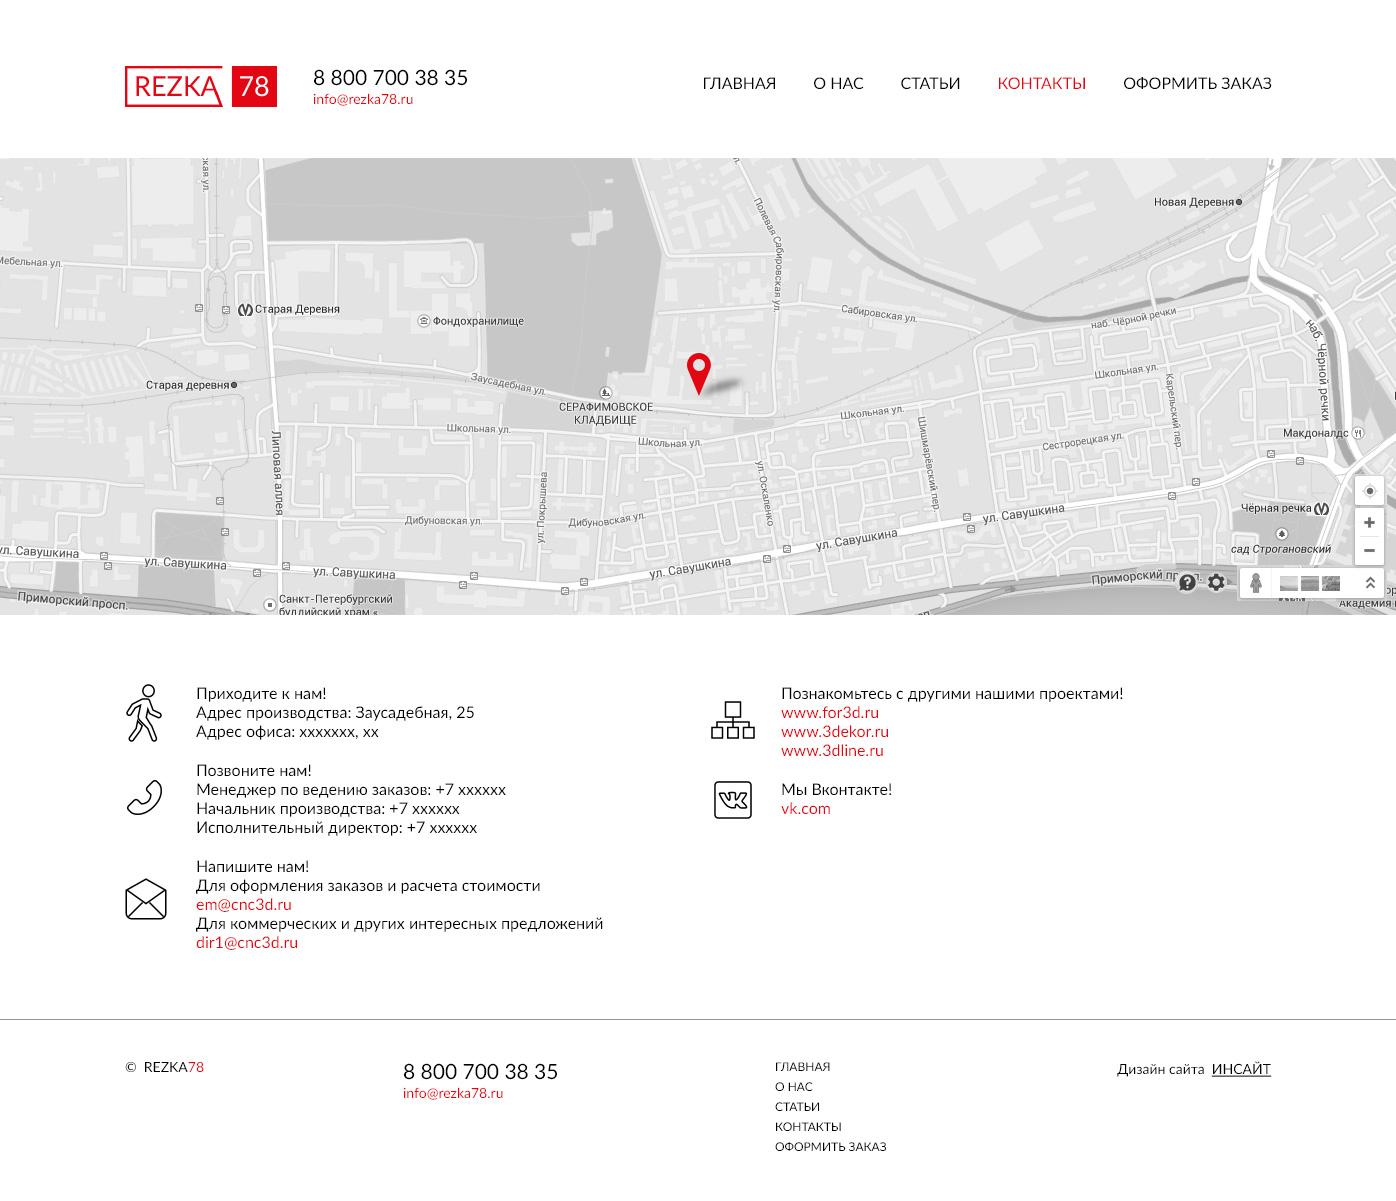 դիզայն, հարմարվողական, կայքը, կտրում, 3D մոդելները, փայտ, REZKA78.RU